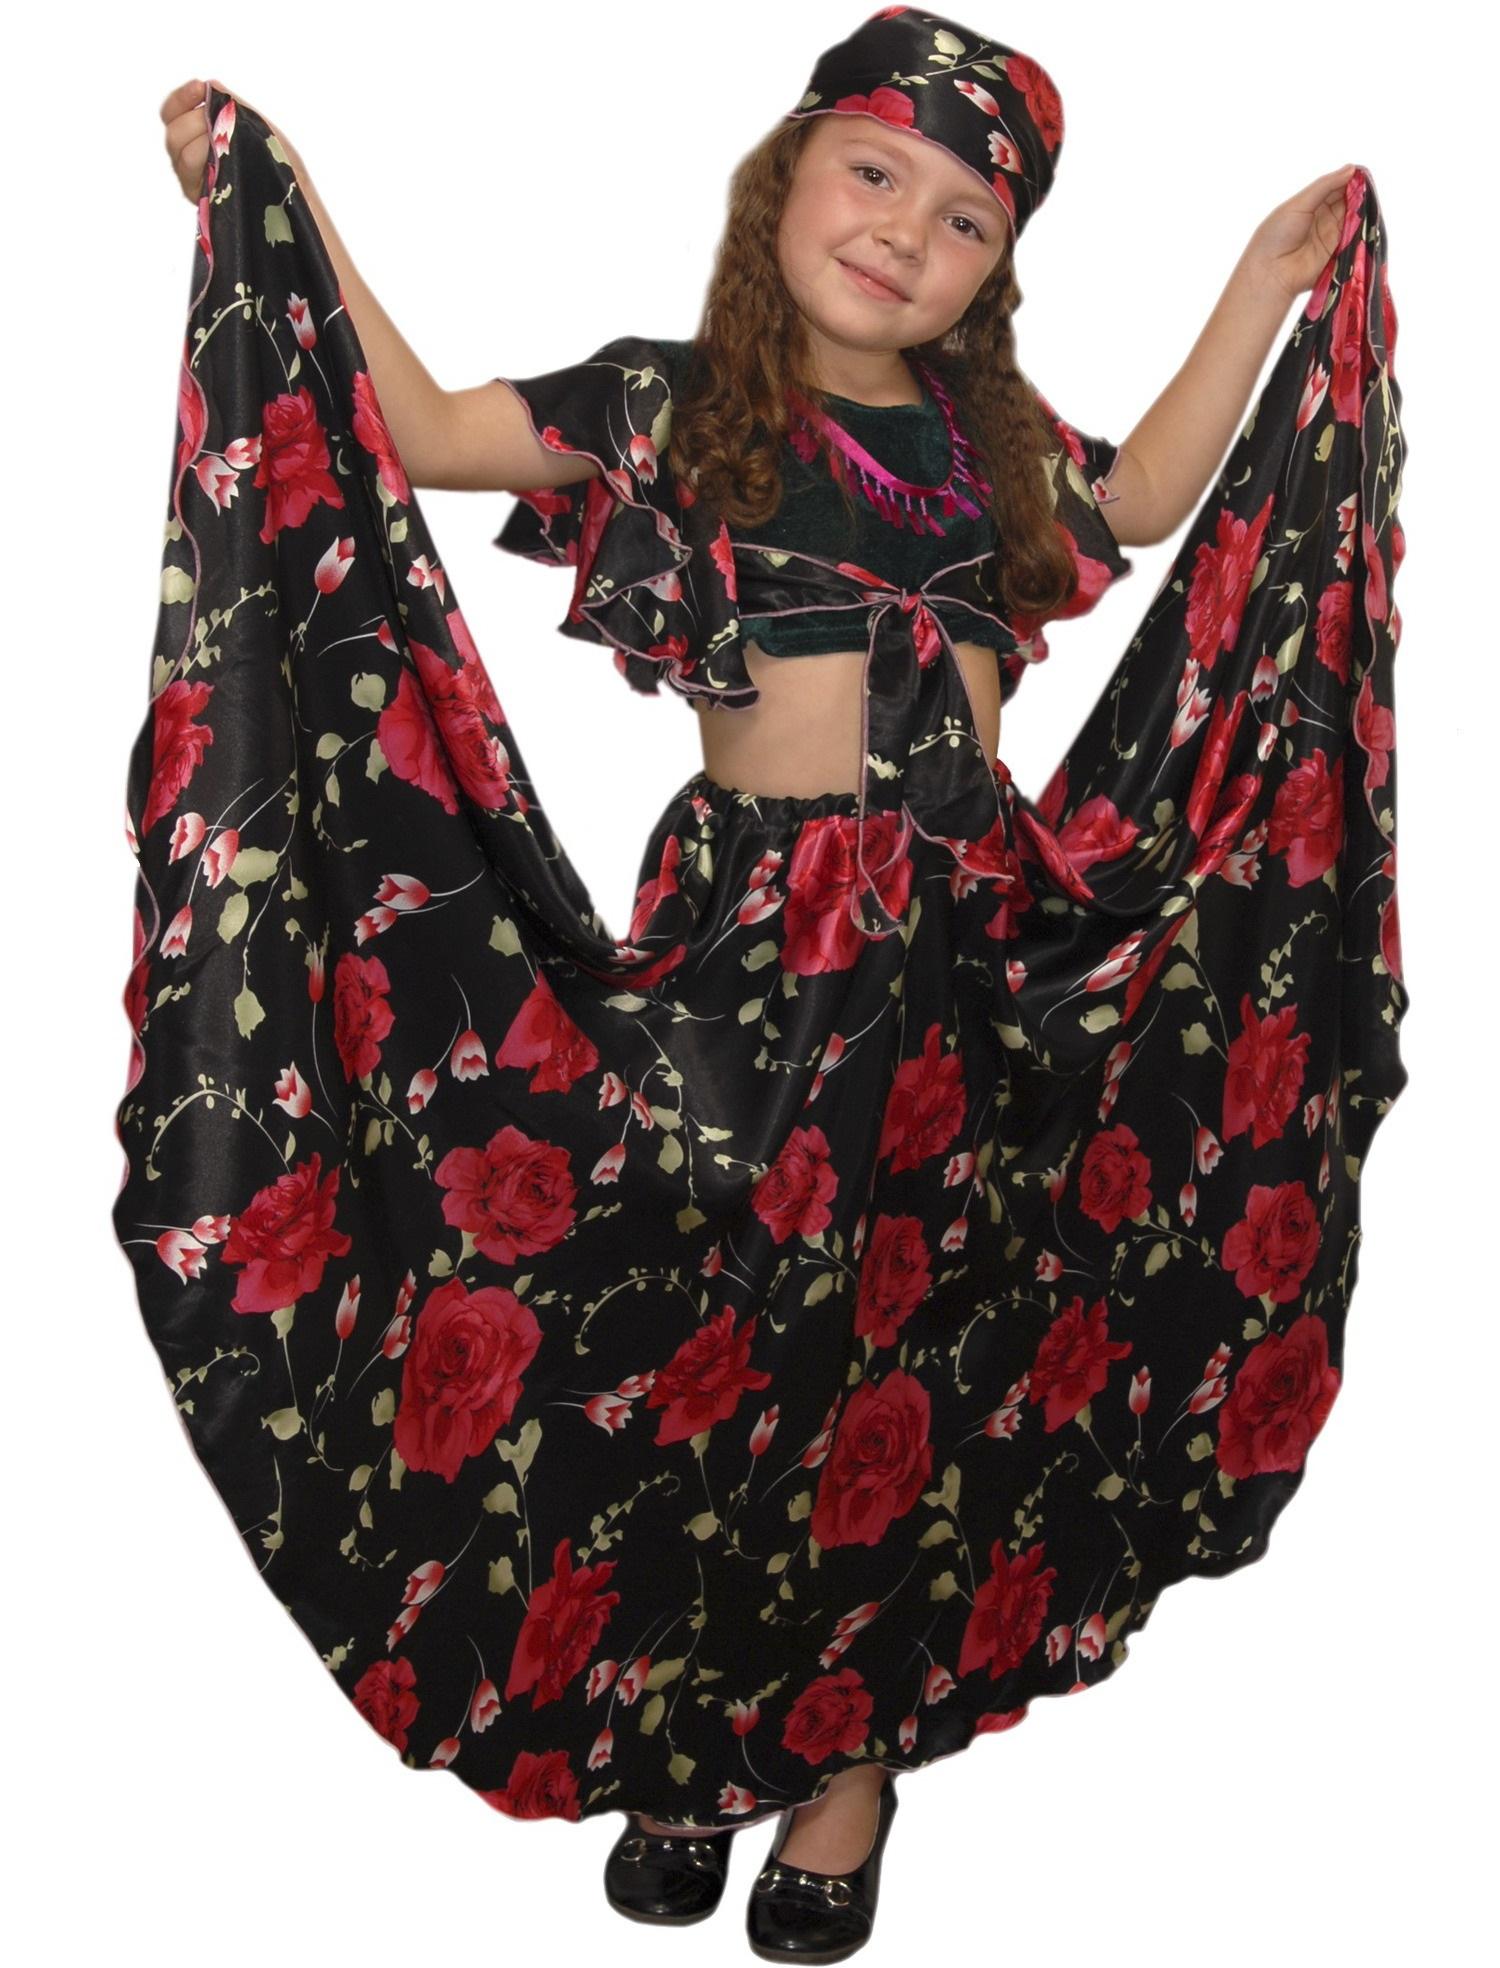 Как можно своими руками сделать костюм цыганки